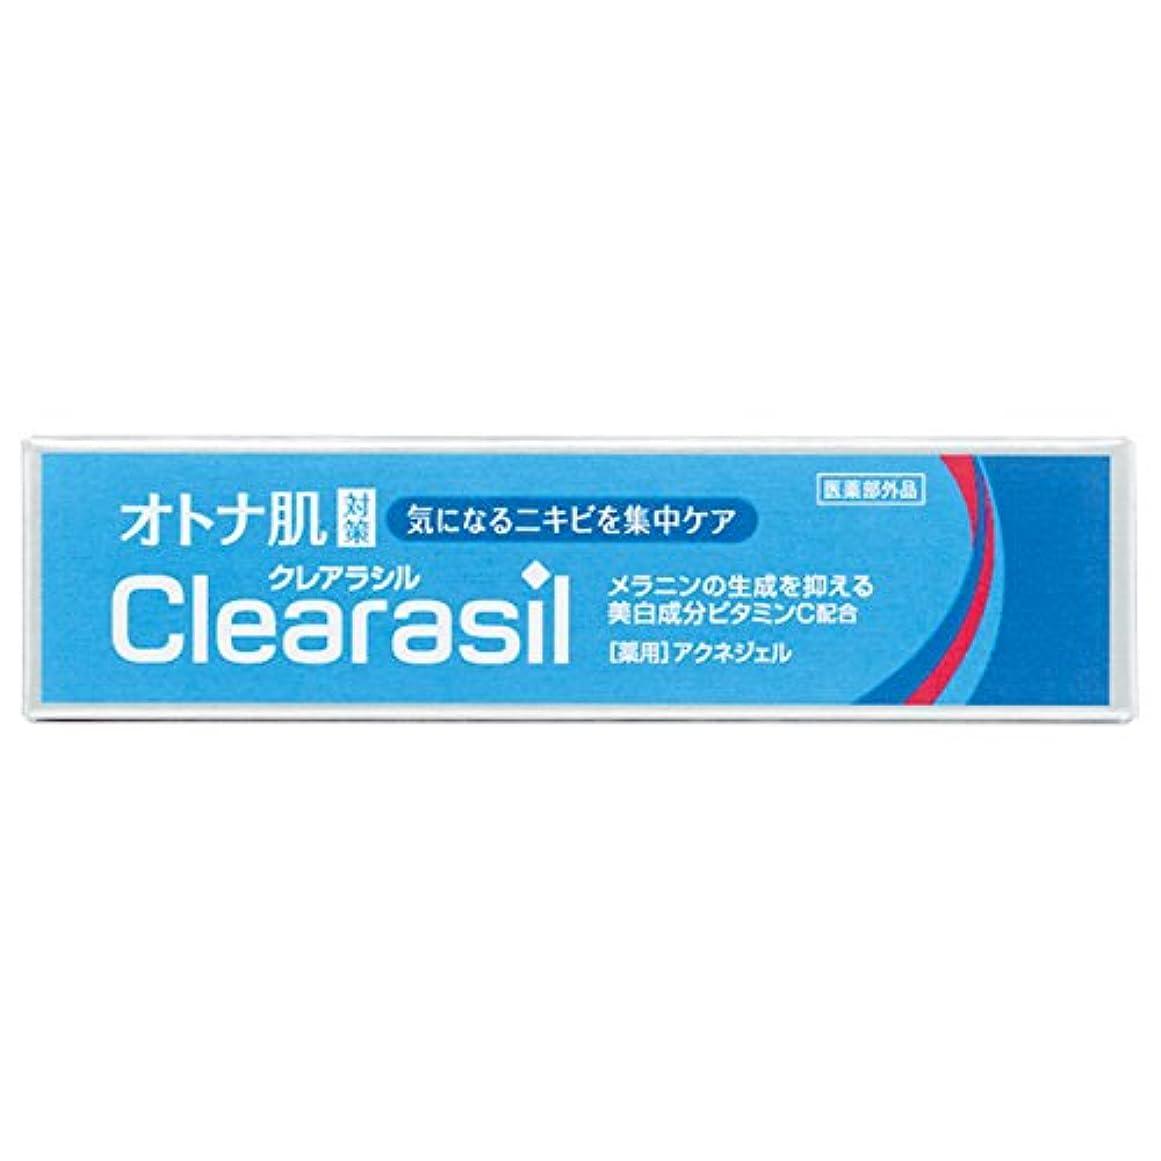 批判的に小数拡散する【医薬部外品】クレアラシル オトナ肌対策 14G